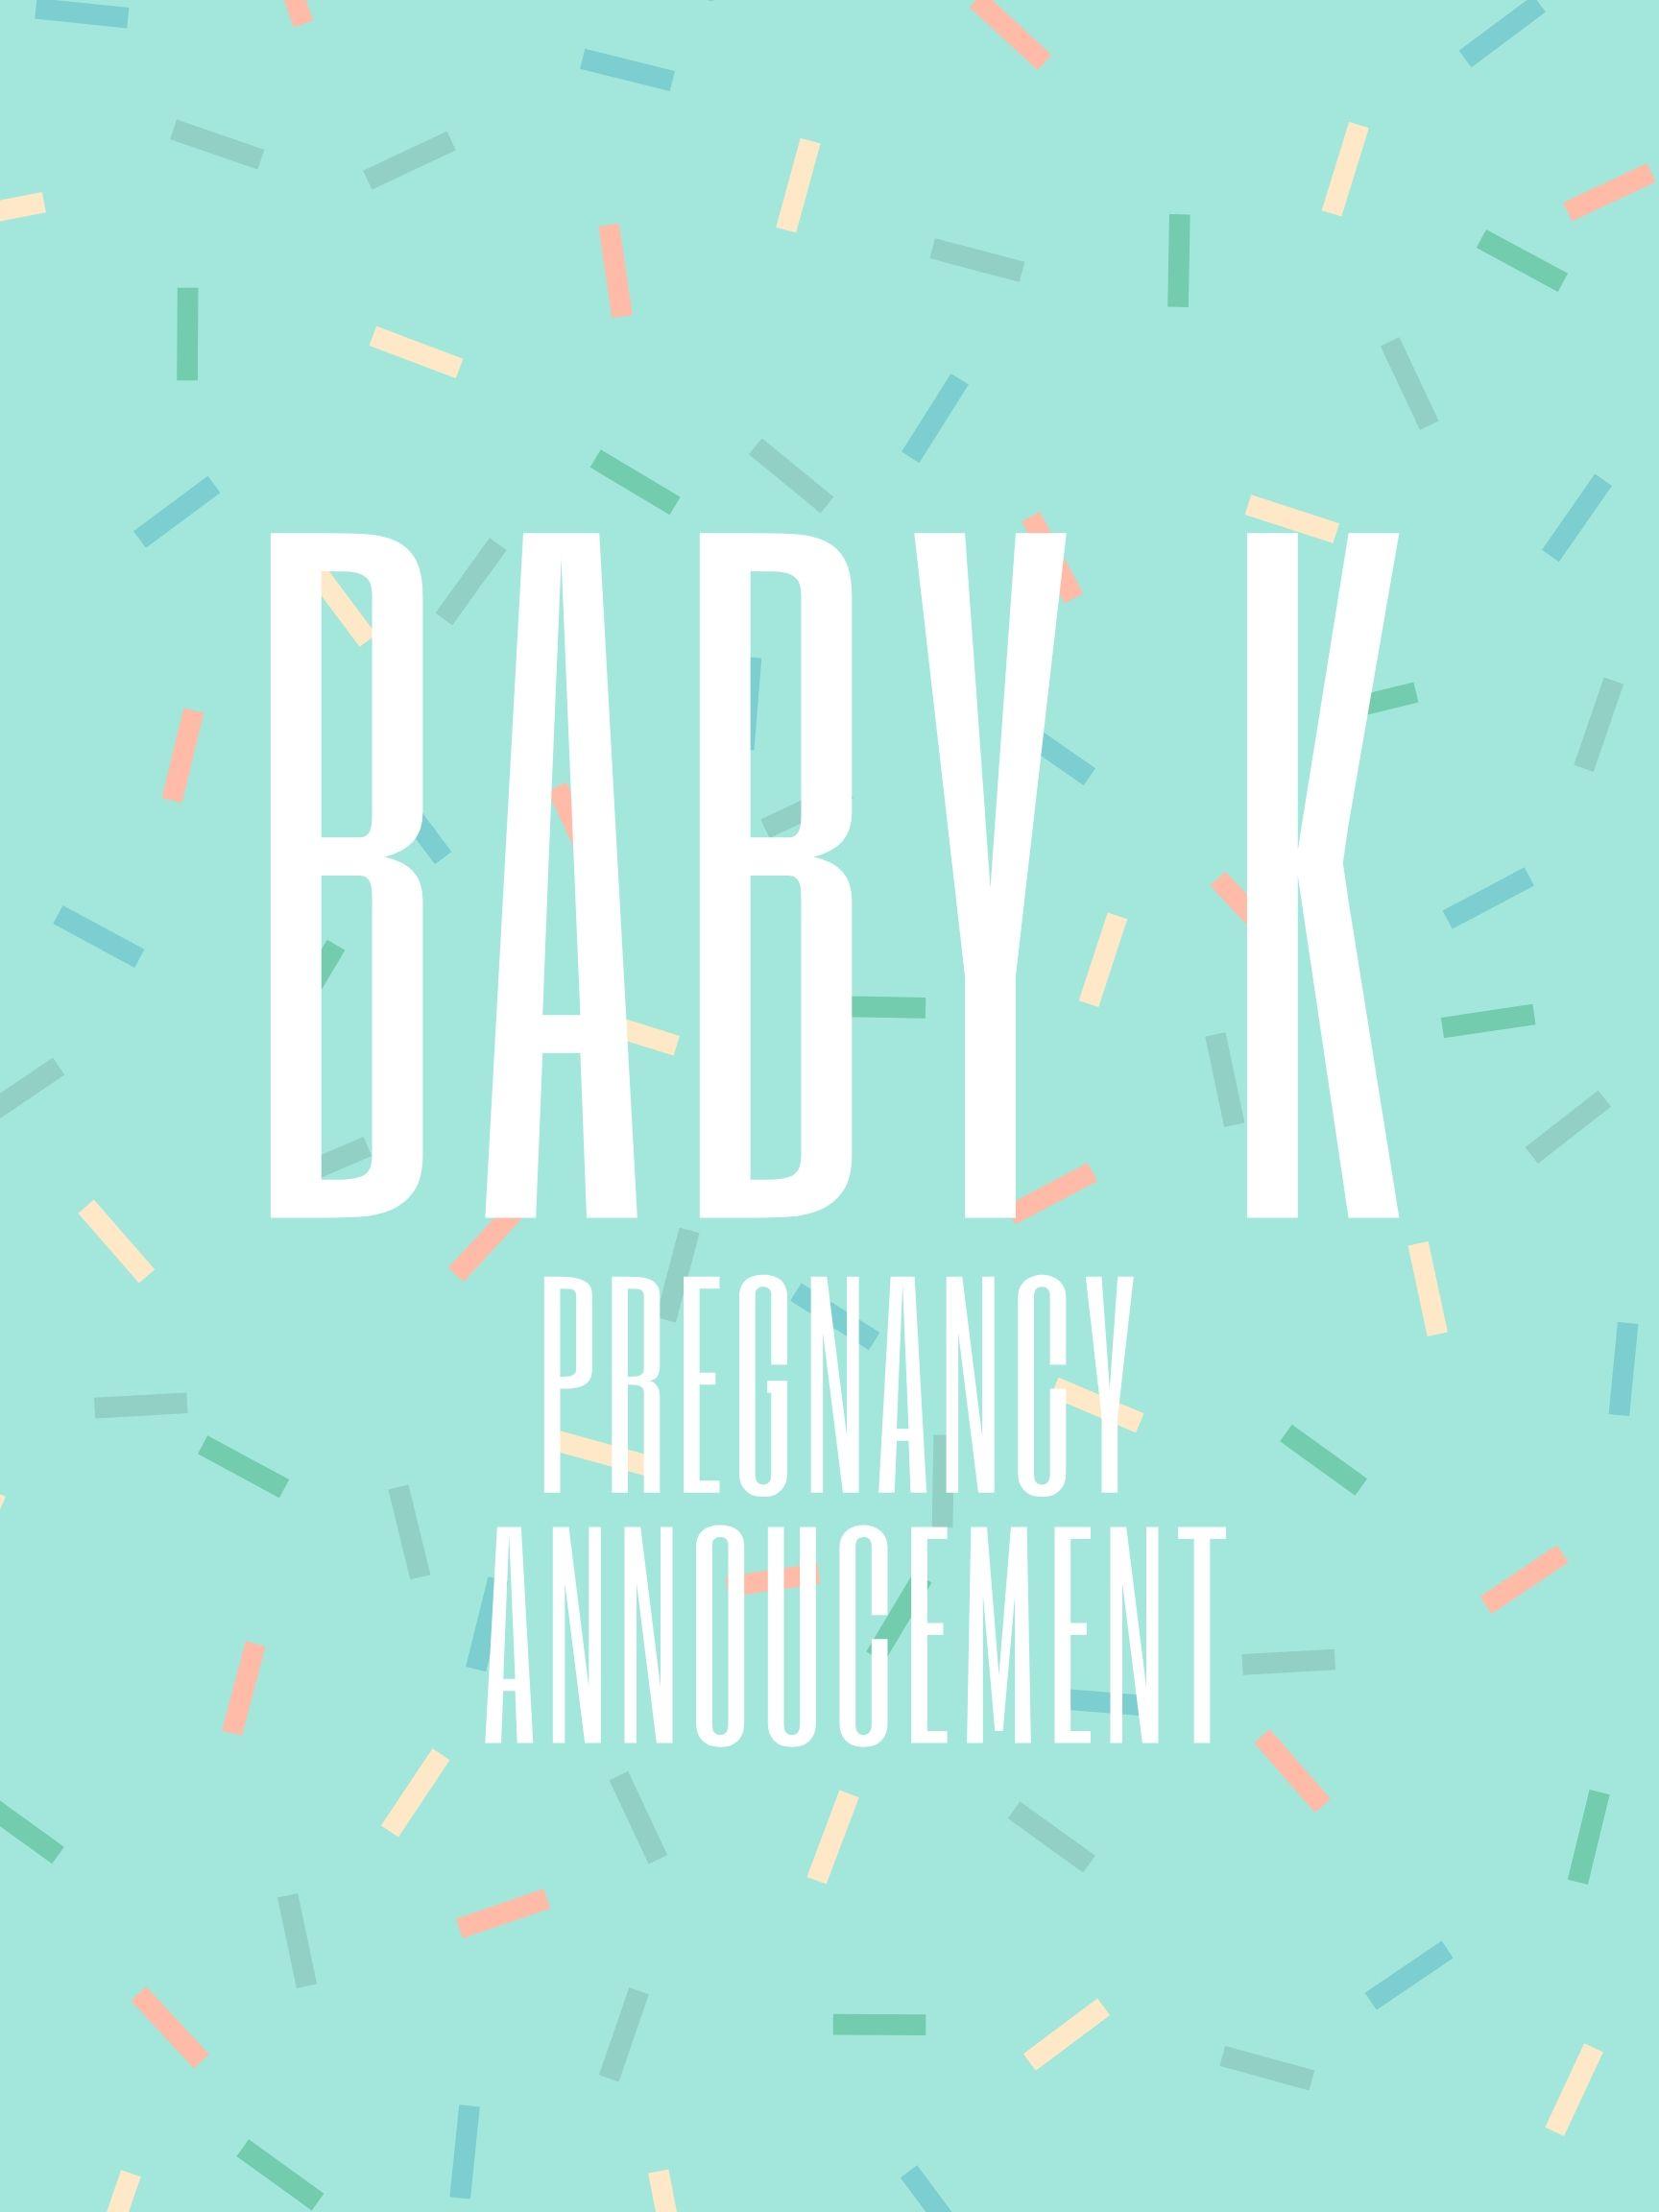 Baby k annoucement.jpg